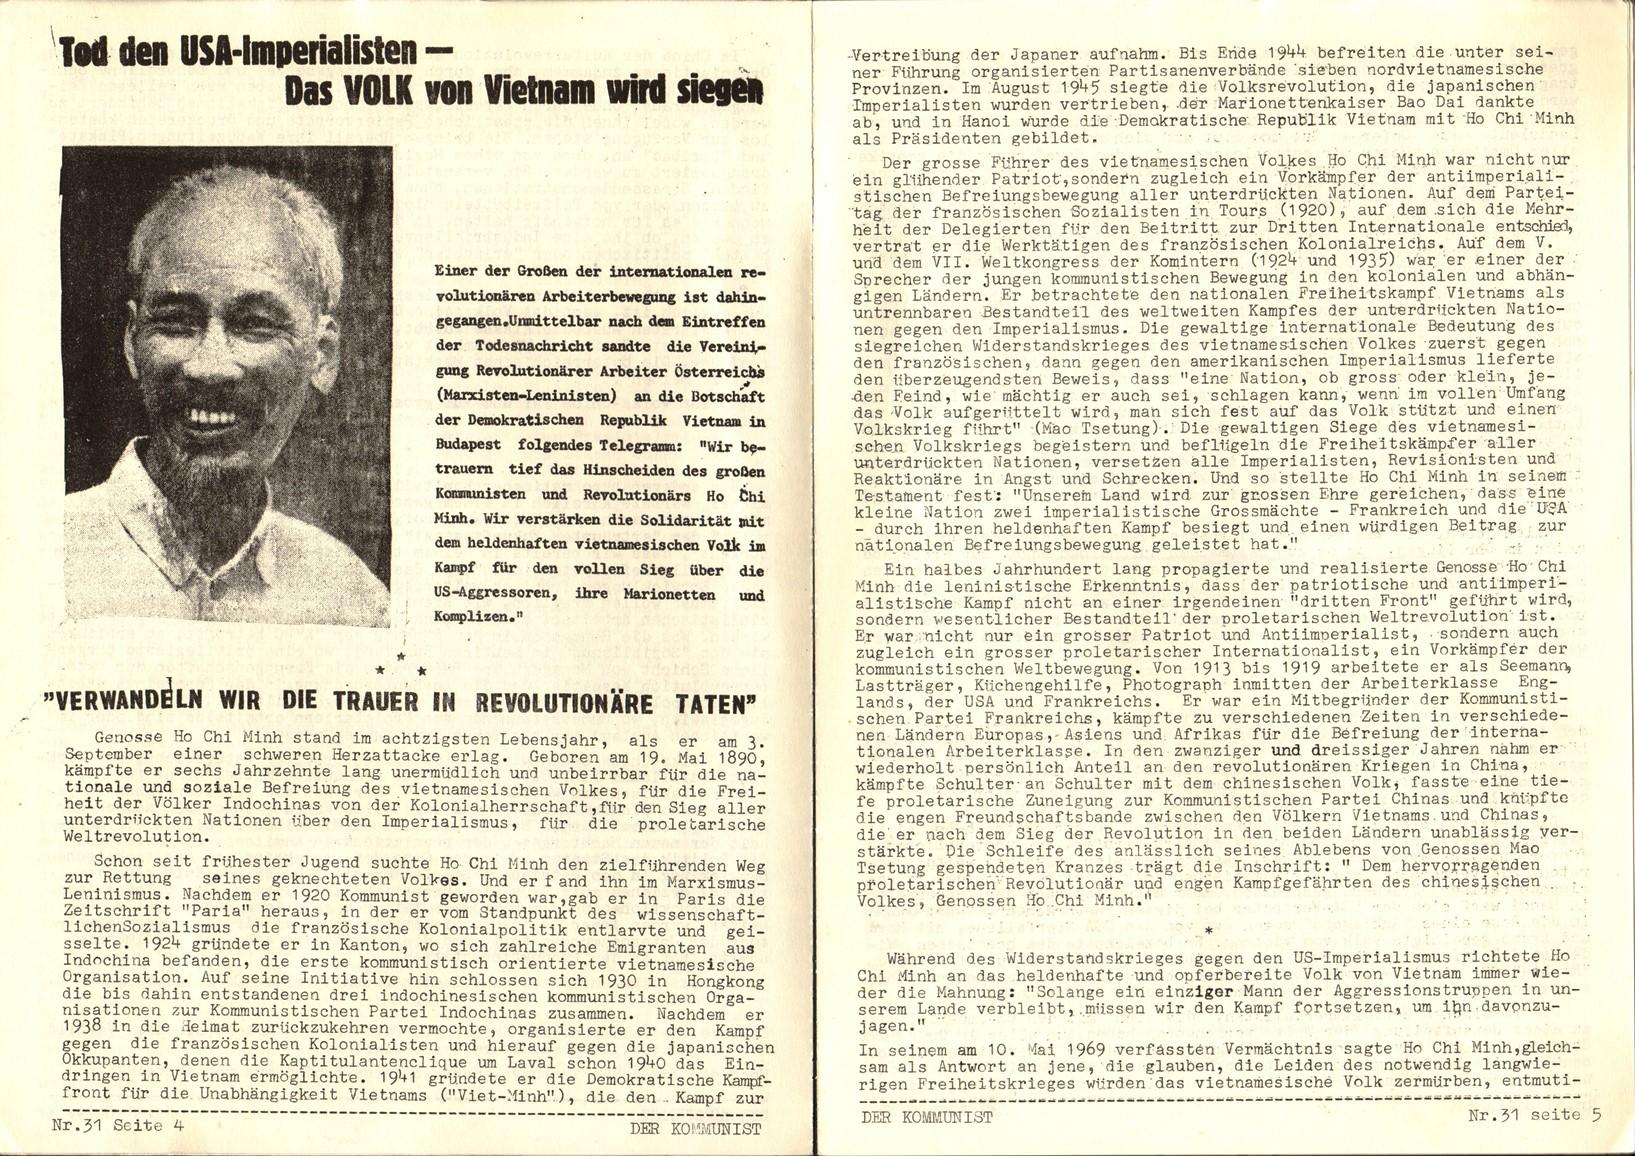 VRA_Der_Kommunist_19690900_03